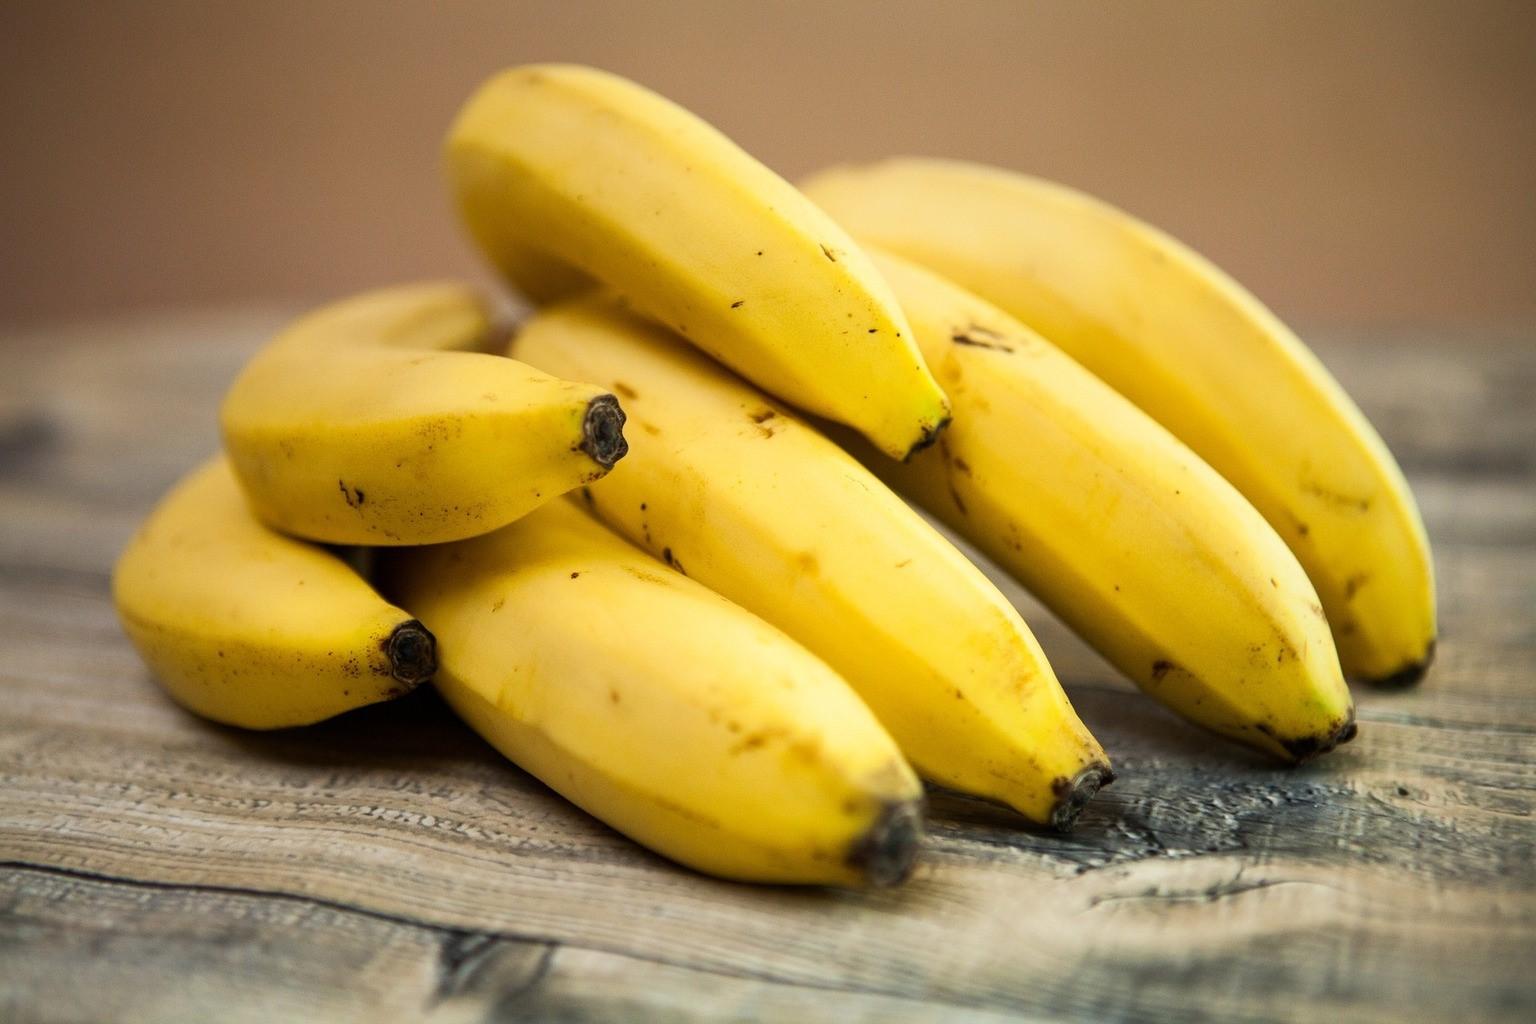 Спасти бананы от гниения | Бабушкины лайфхаки для кухни, которые актуальны и в наши дни | Her Beauty